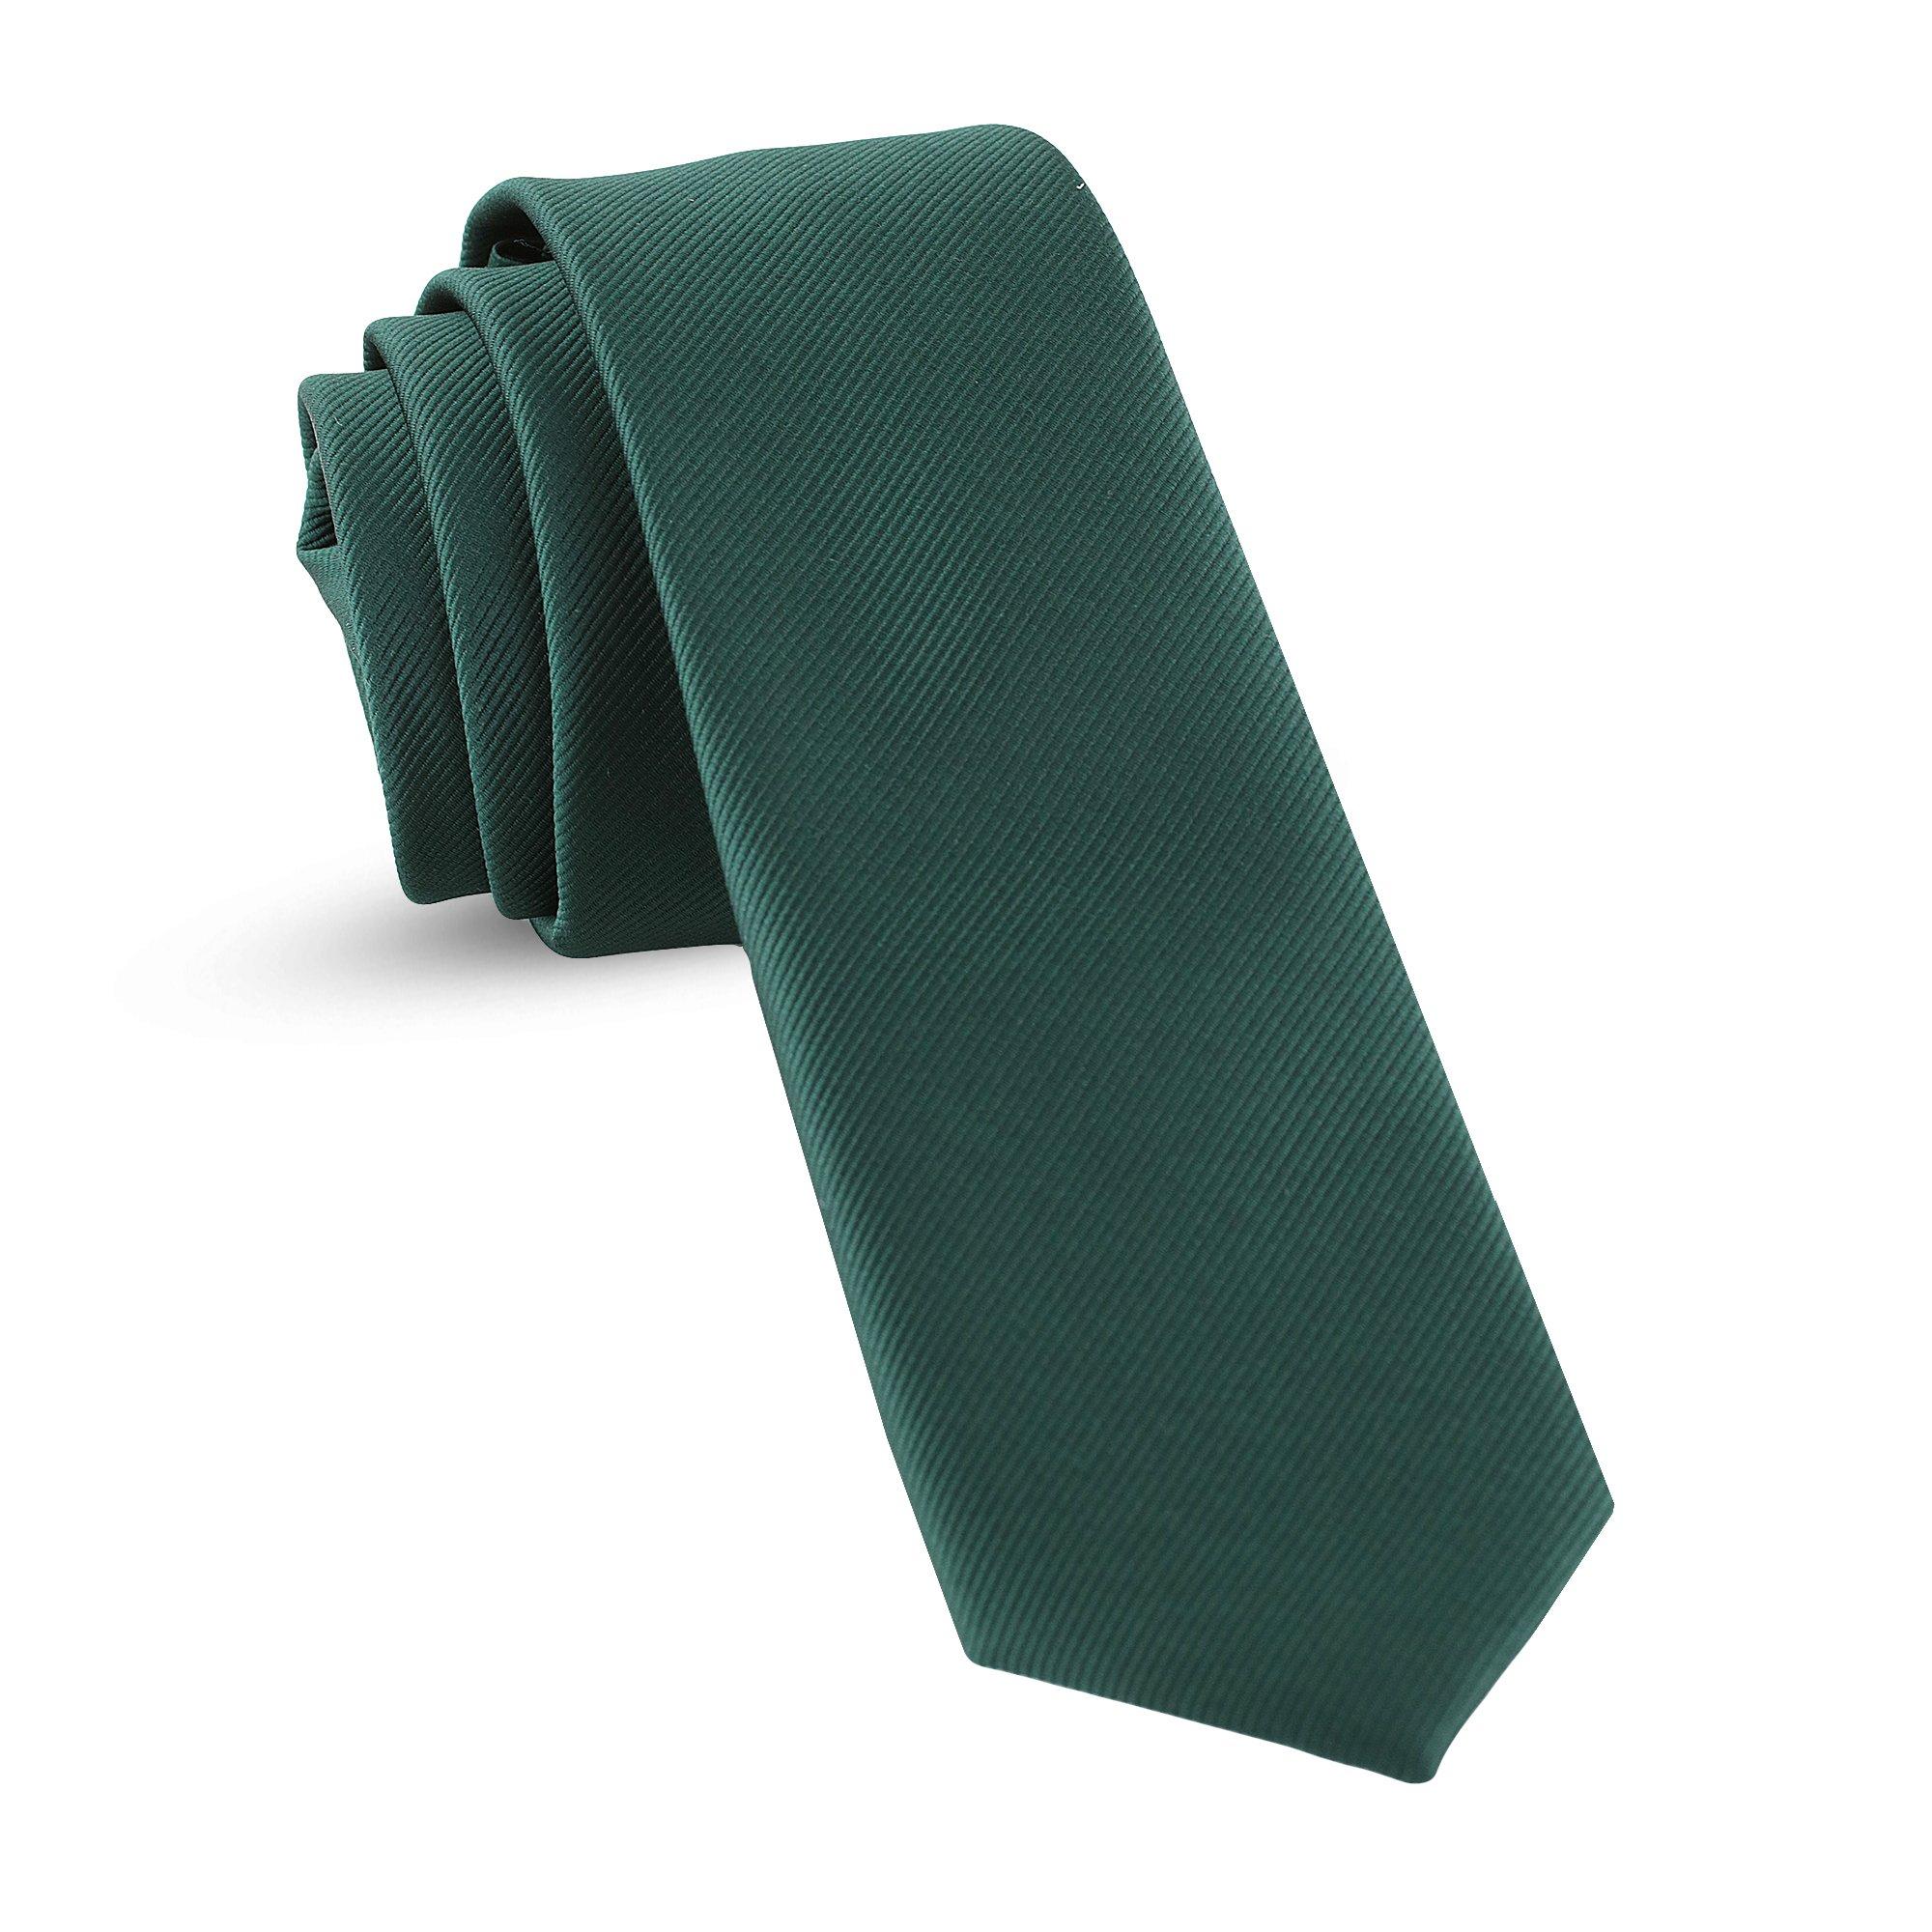 Handmade Self Tie Ties For Boys Woven Boys Emerald Green Ties: Neckties For Kids Wedding Graduation